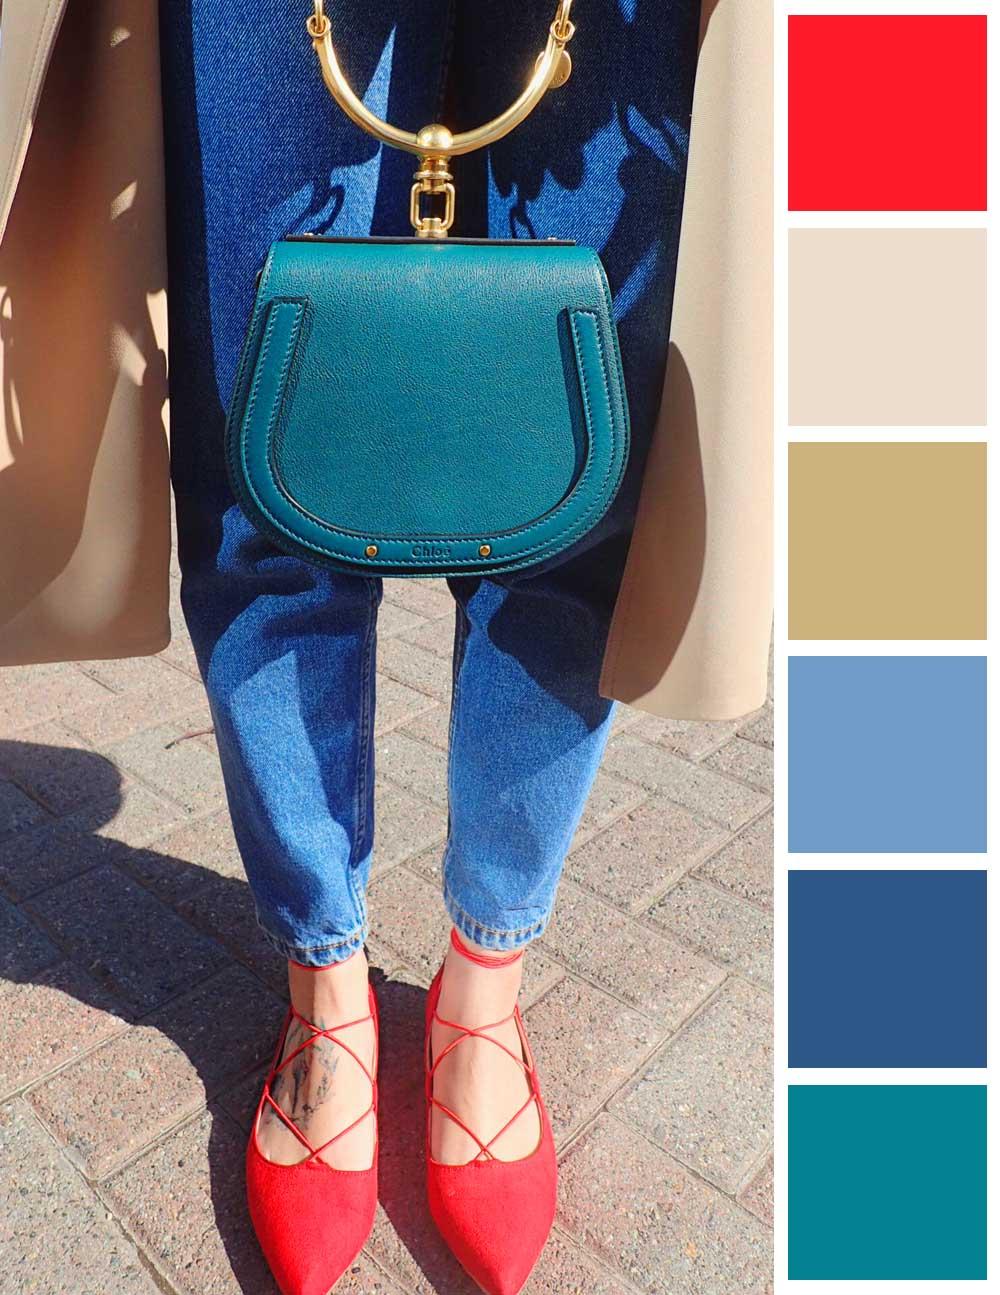 colors_4.jpg